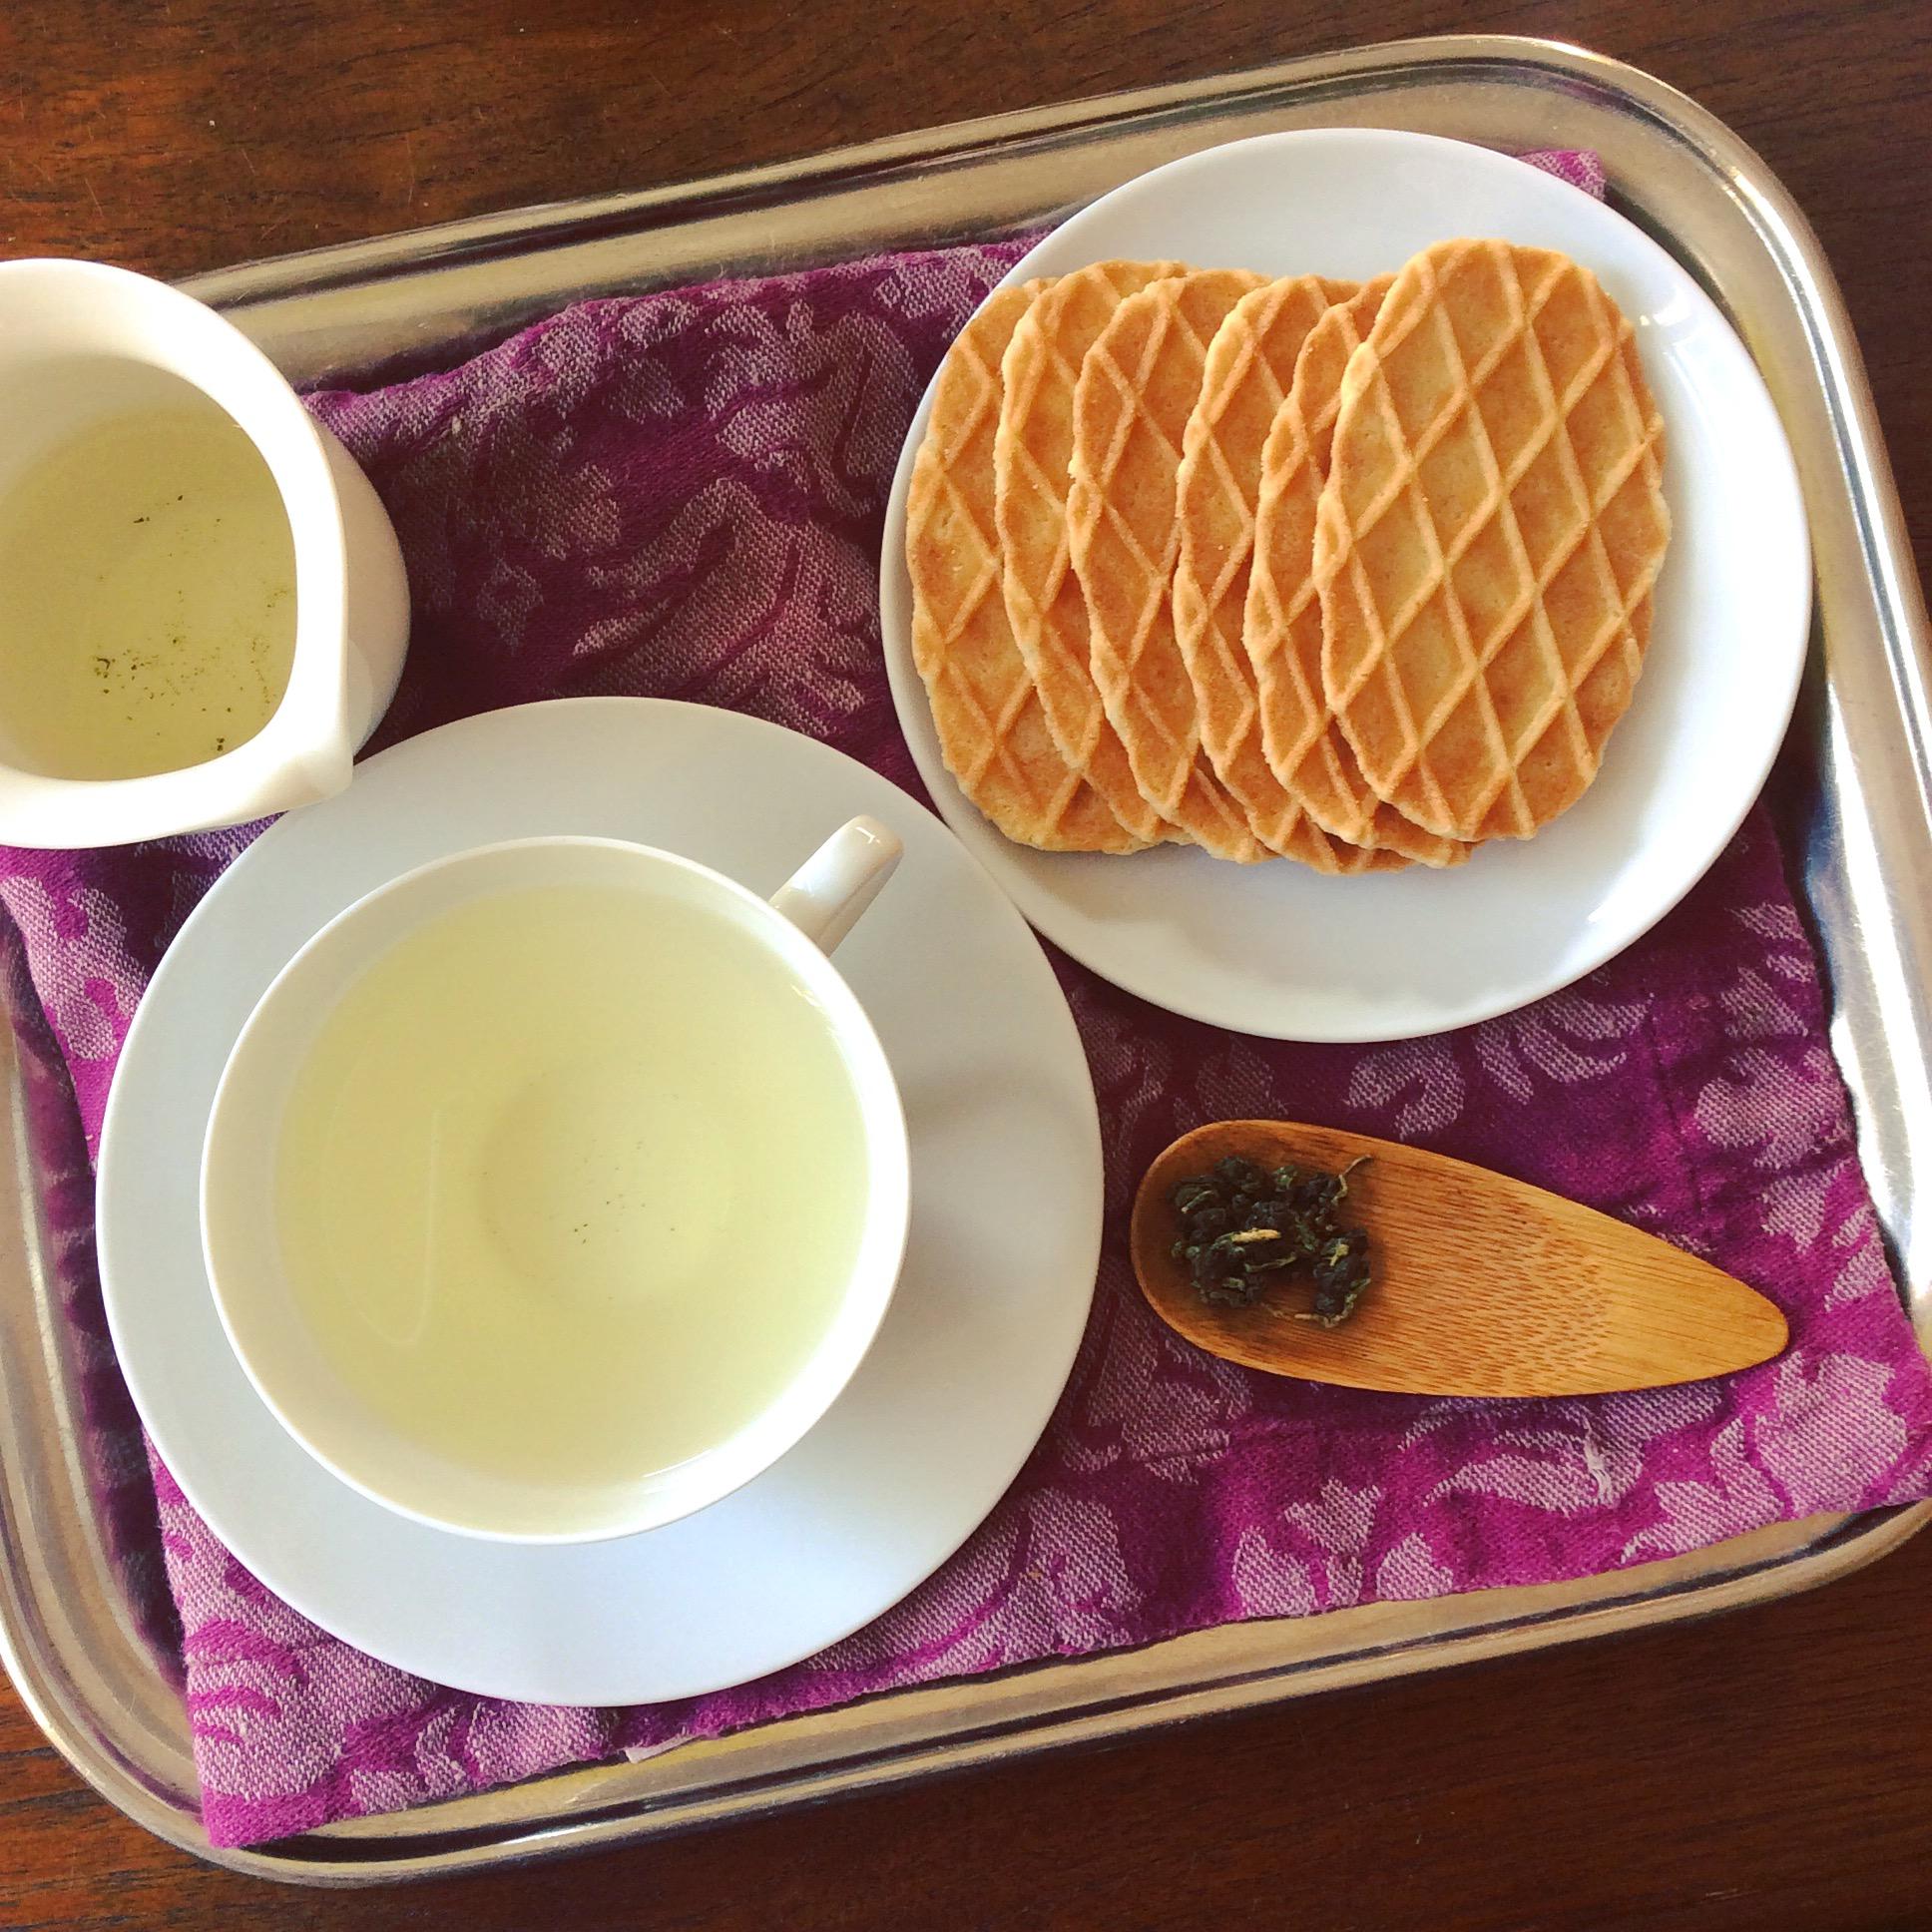 Eine Teereise daheim